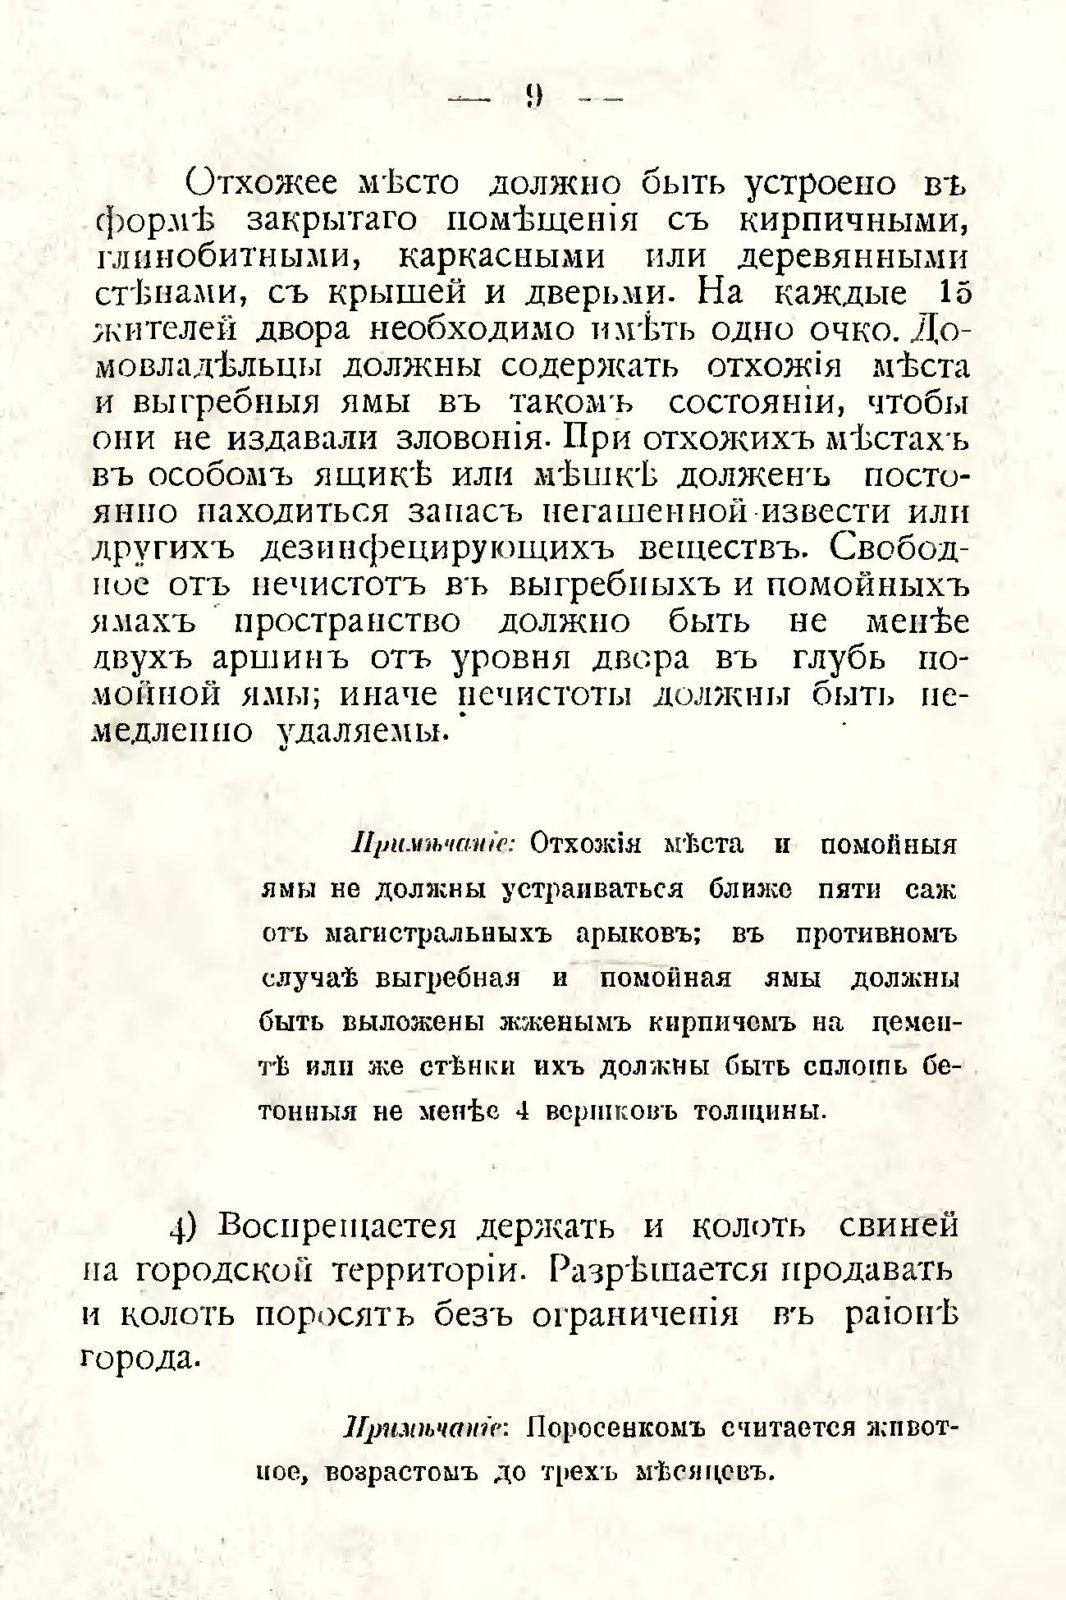 sbornik_obyazatelnyh_postanovlenii_tashkentskoi_gorodskoi_du_13